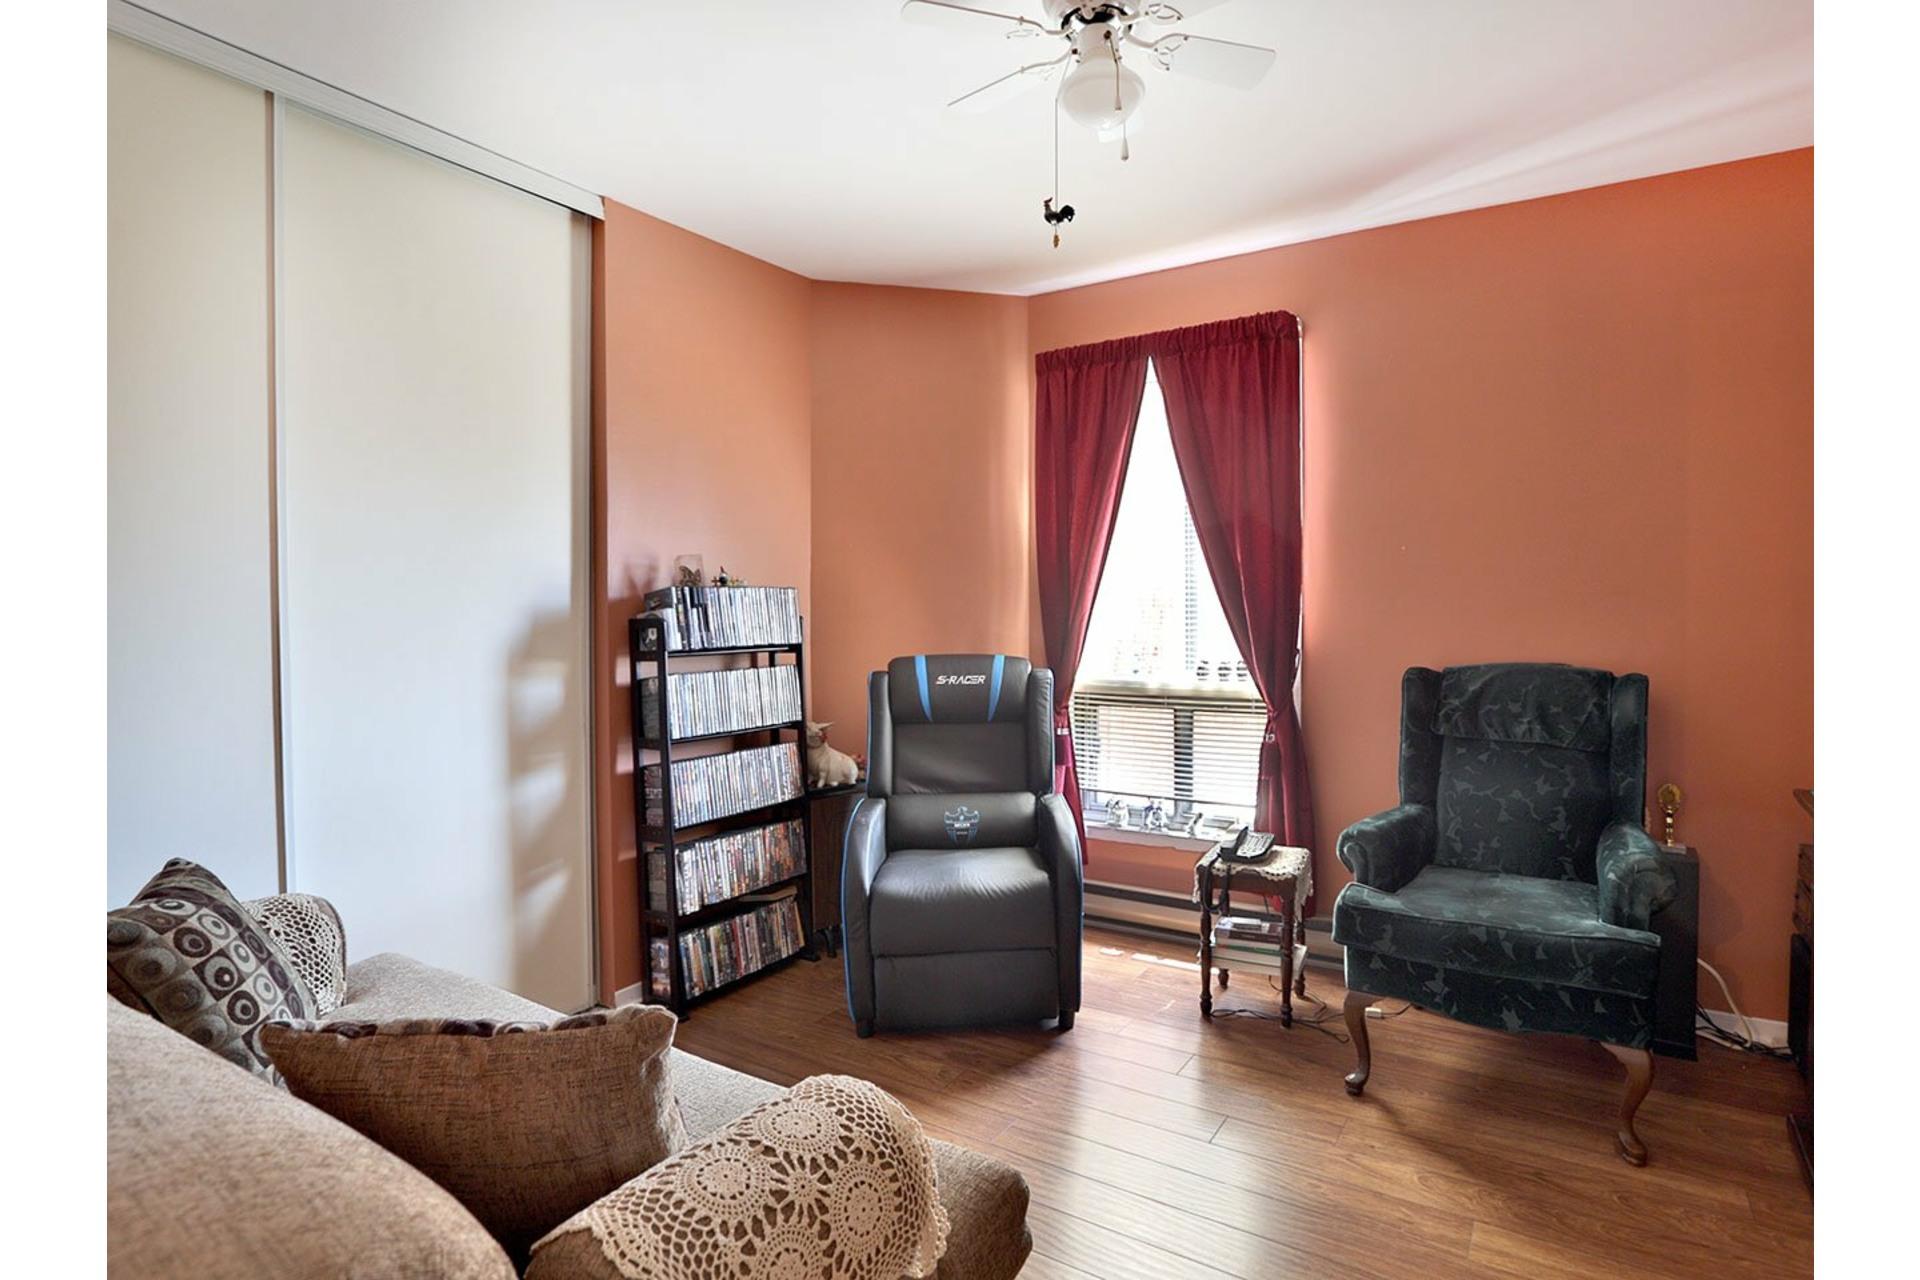 image 13 - Appartement À louer Brossard - 6 pièces